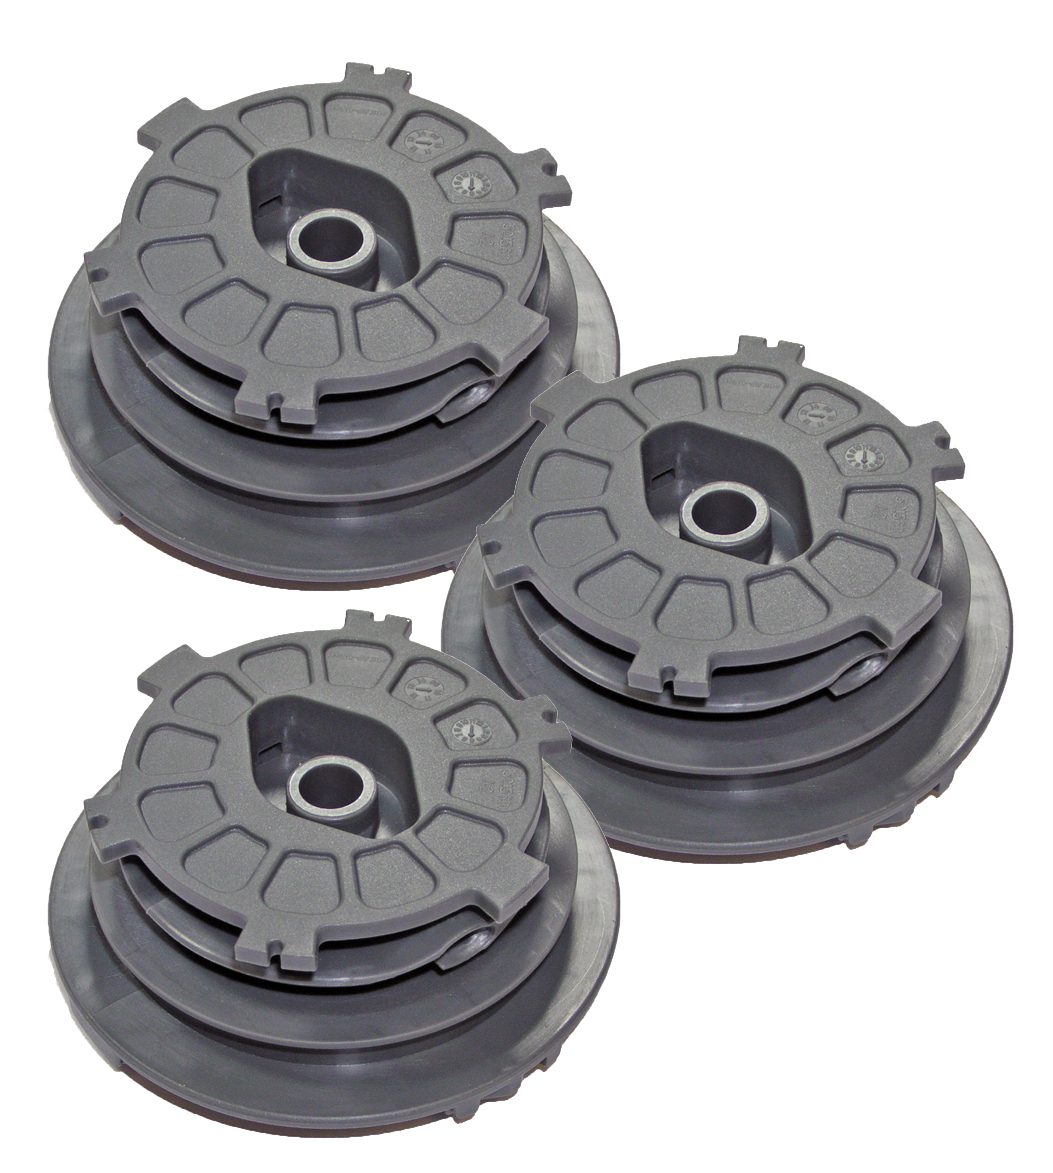 2 Pack Homelite 312223001 String Trimmer EZ Spool For UT22600 RY28000 Ryobi OEM